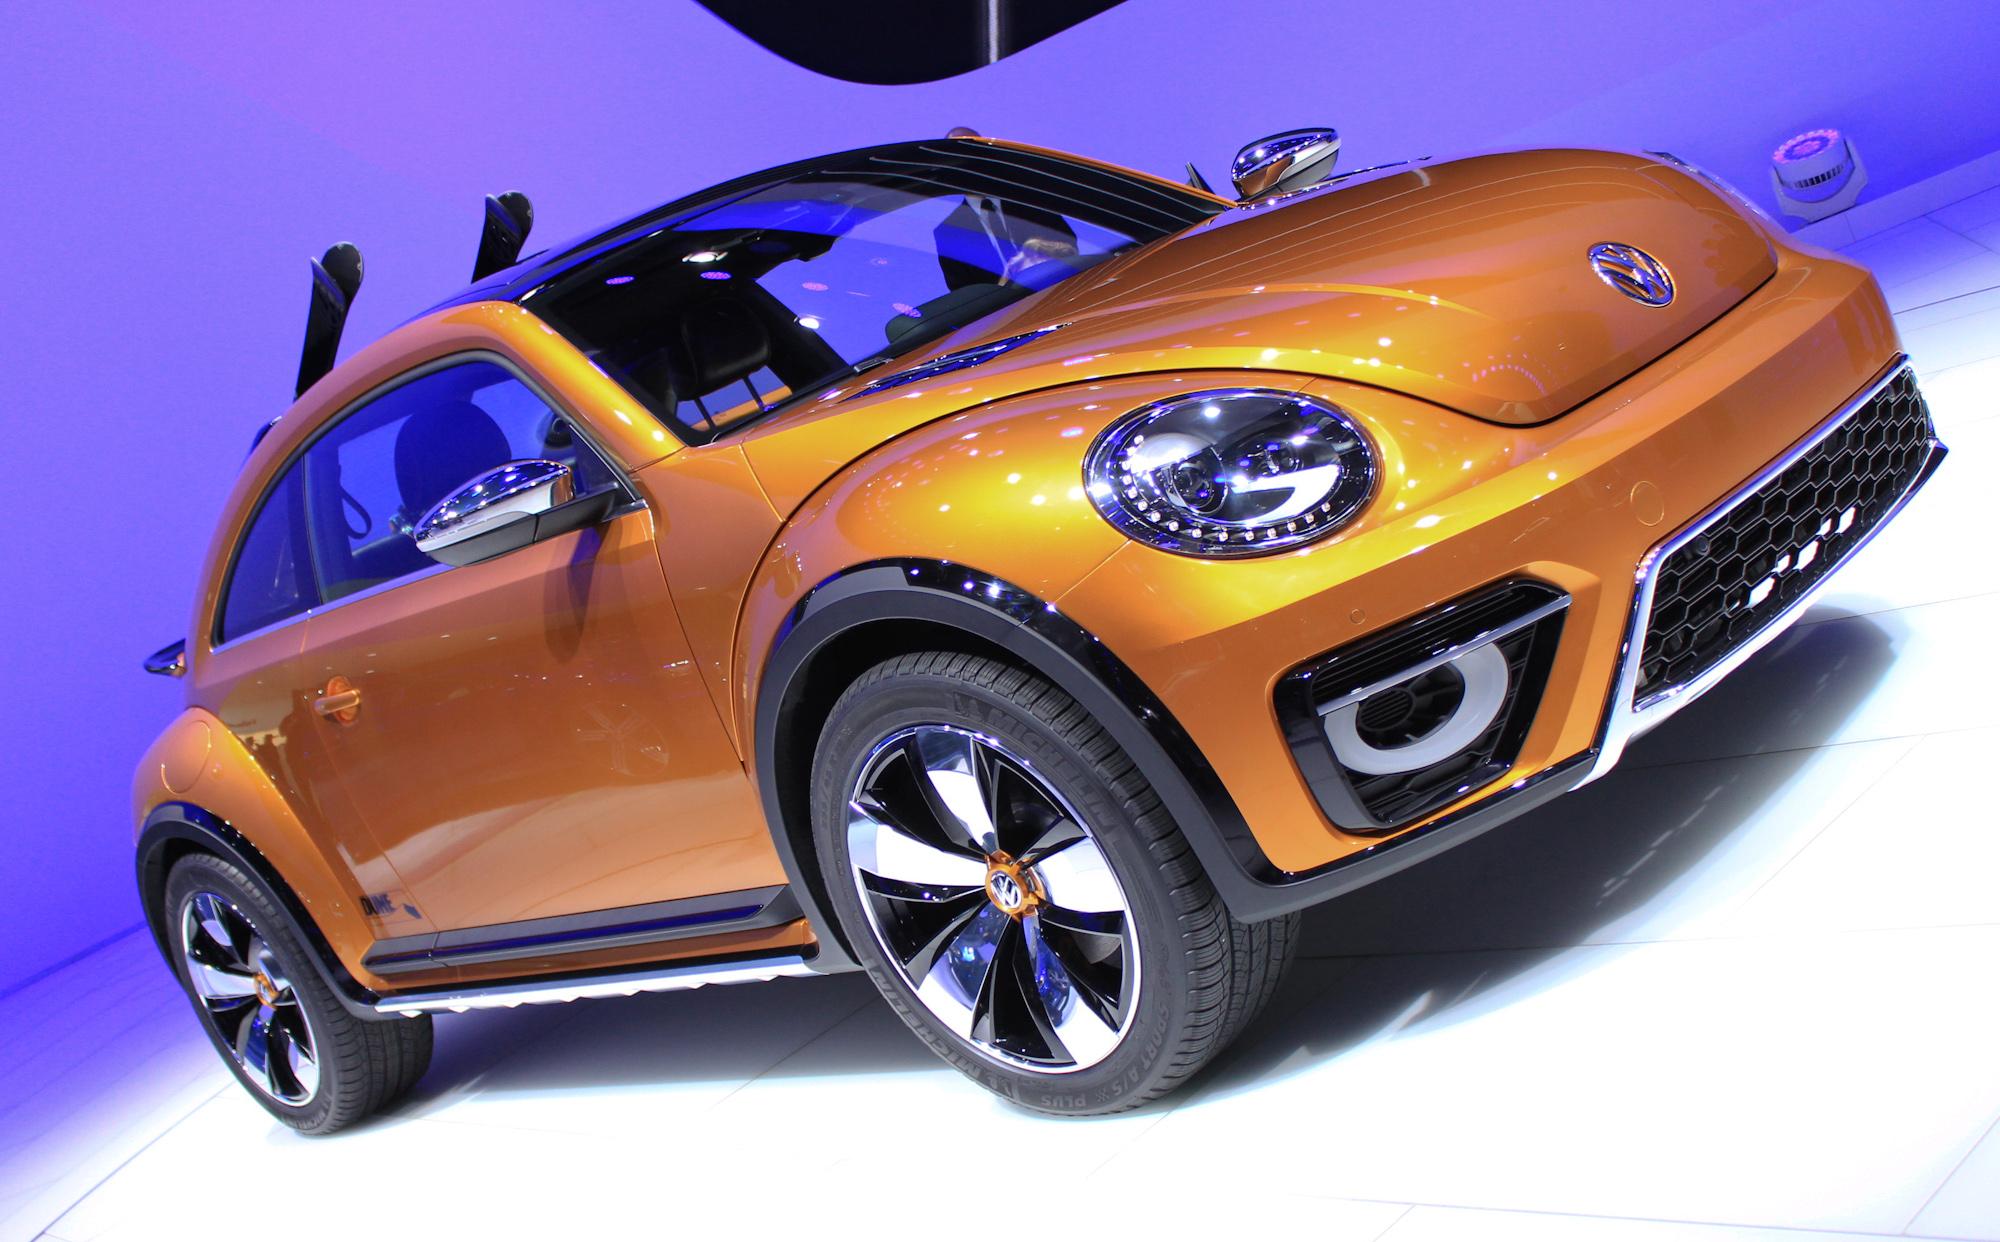 Beetle Dune Concept Live Photos Detroit Auto Show H on Vw Beetle Dune Concept